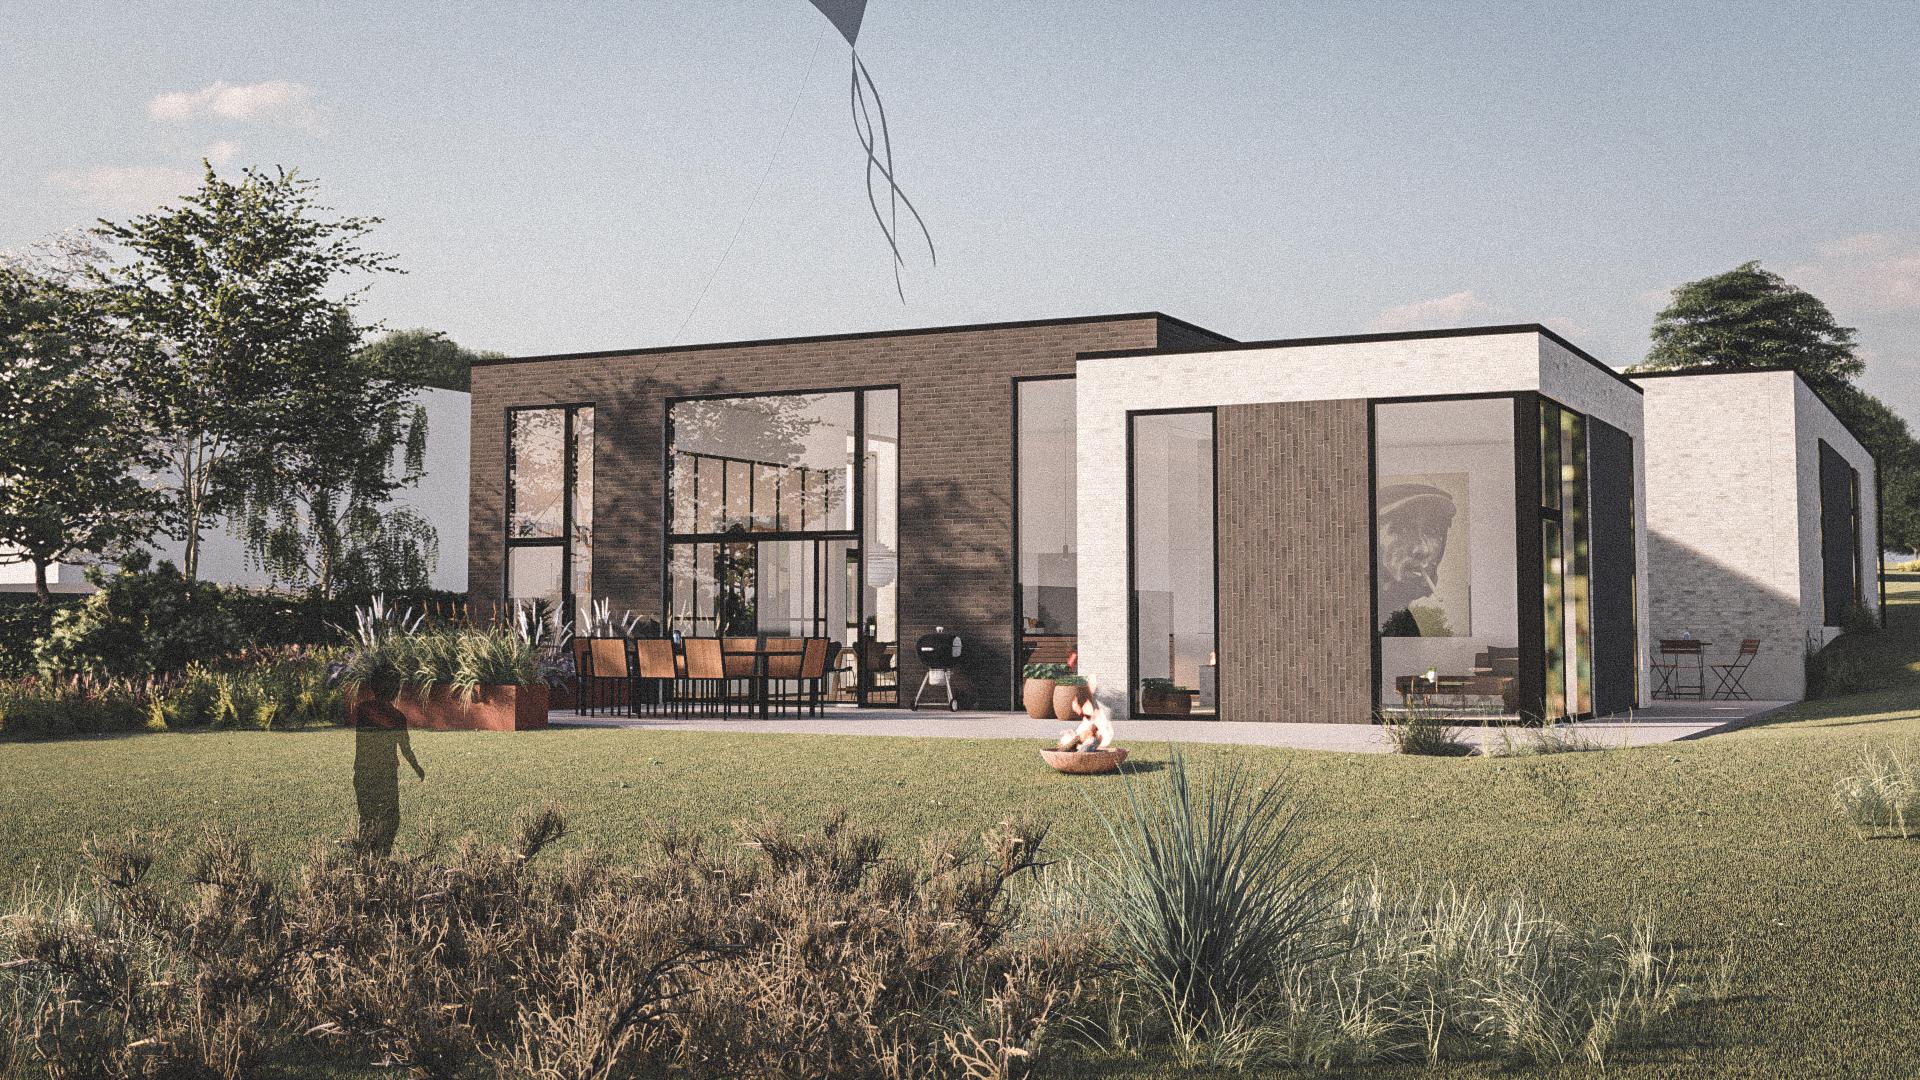 Billede af Dansk arkitekttegnet 3 plan villa af arkitektfirmaet m2plus, i Løgstør på 246 kvartratmeter.